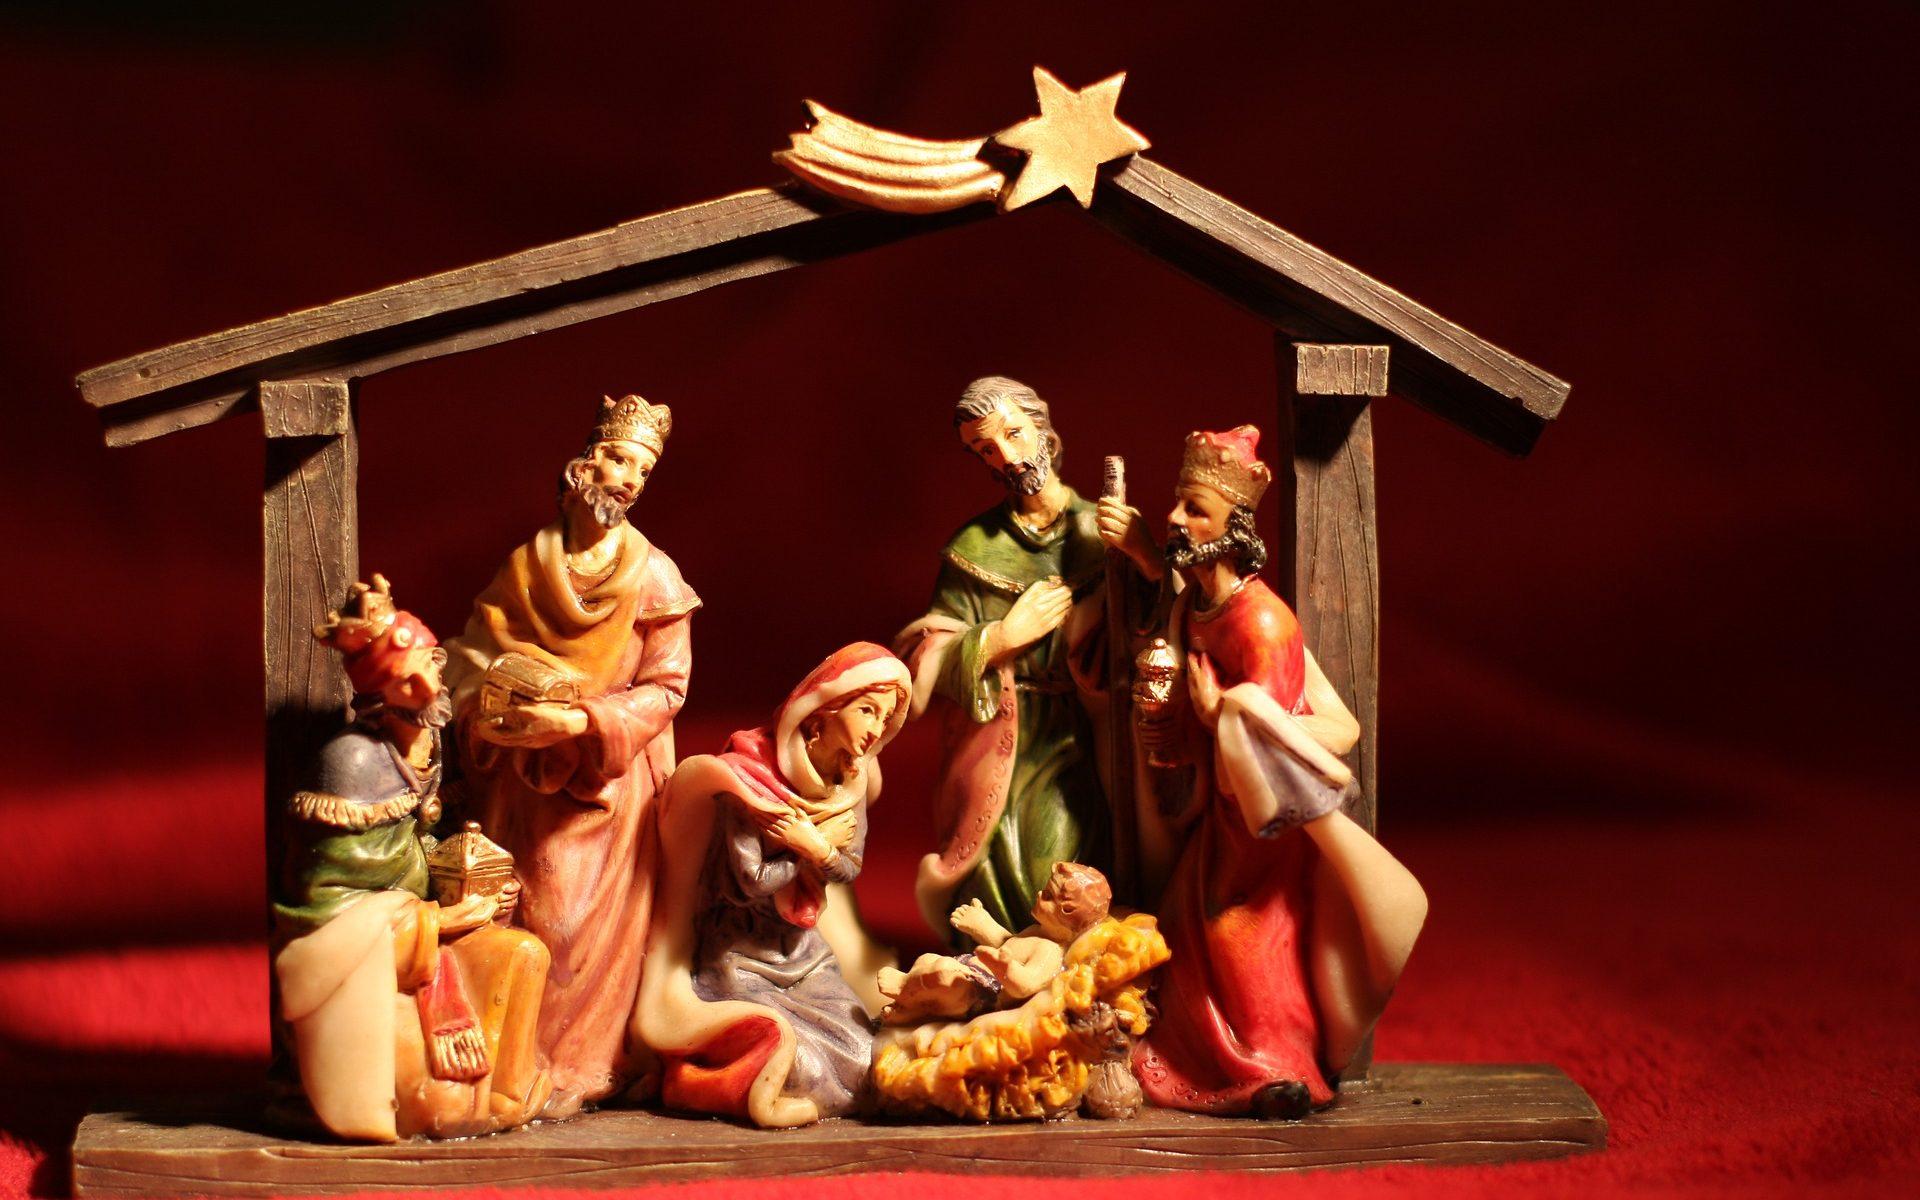 Das Bild zeigt die heilige Familie und die heiligen drei Könige in der Krippe